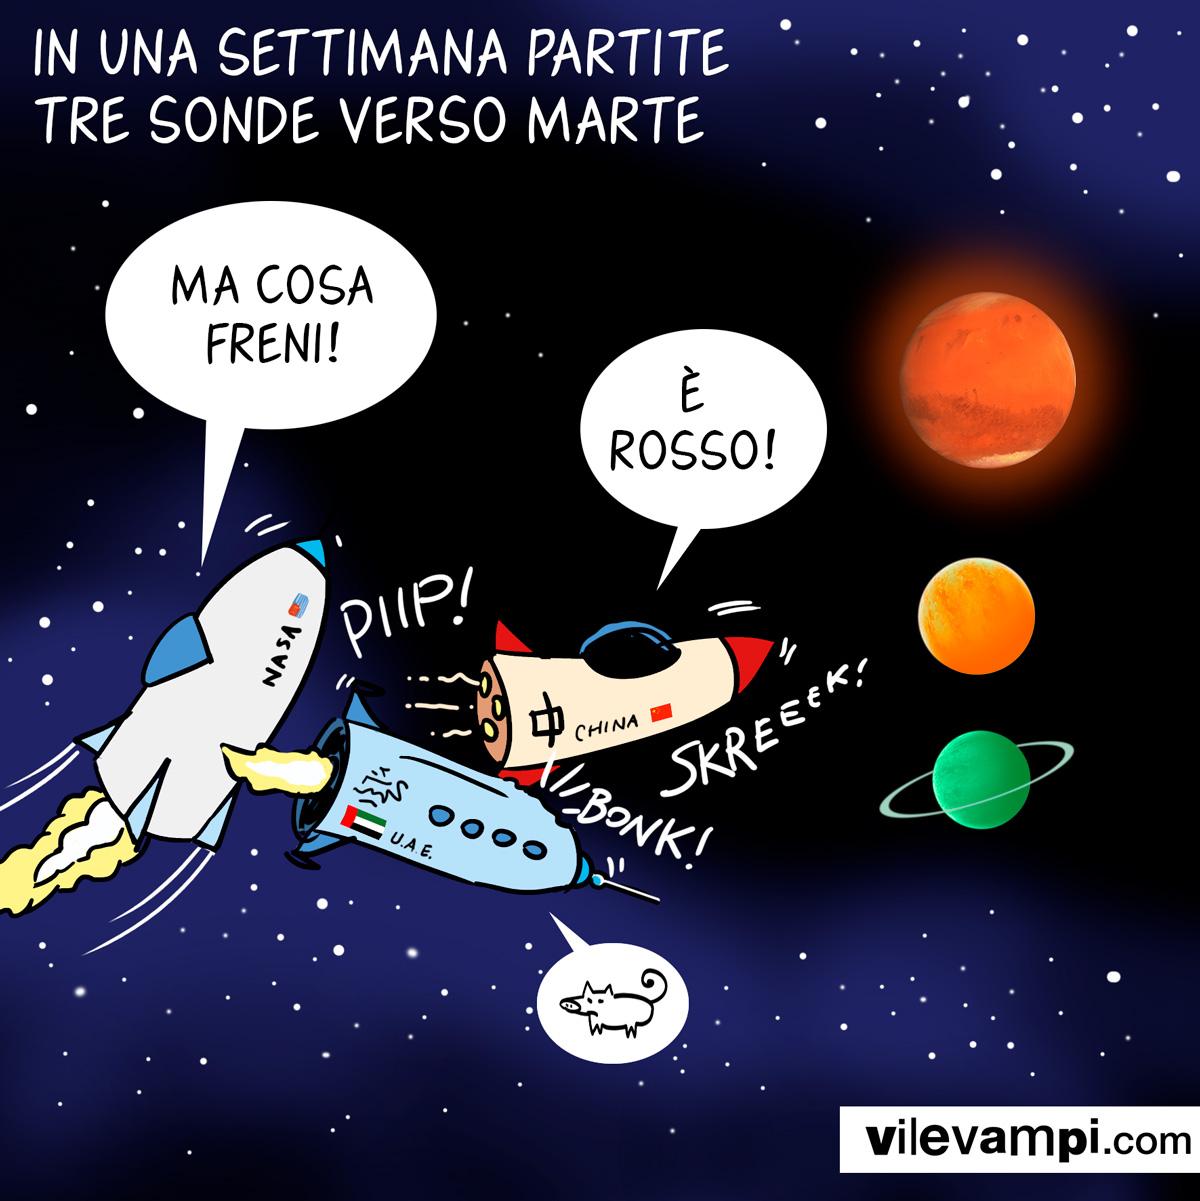 2020_Marte_sonde